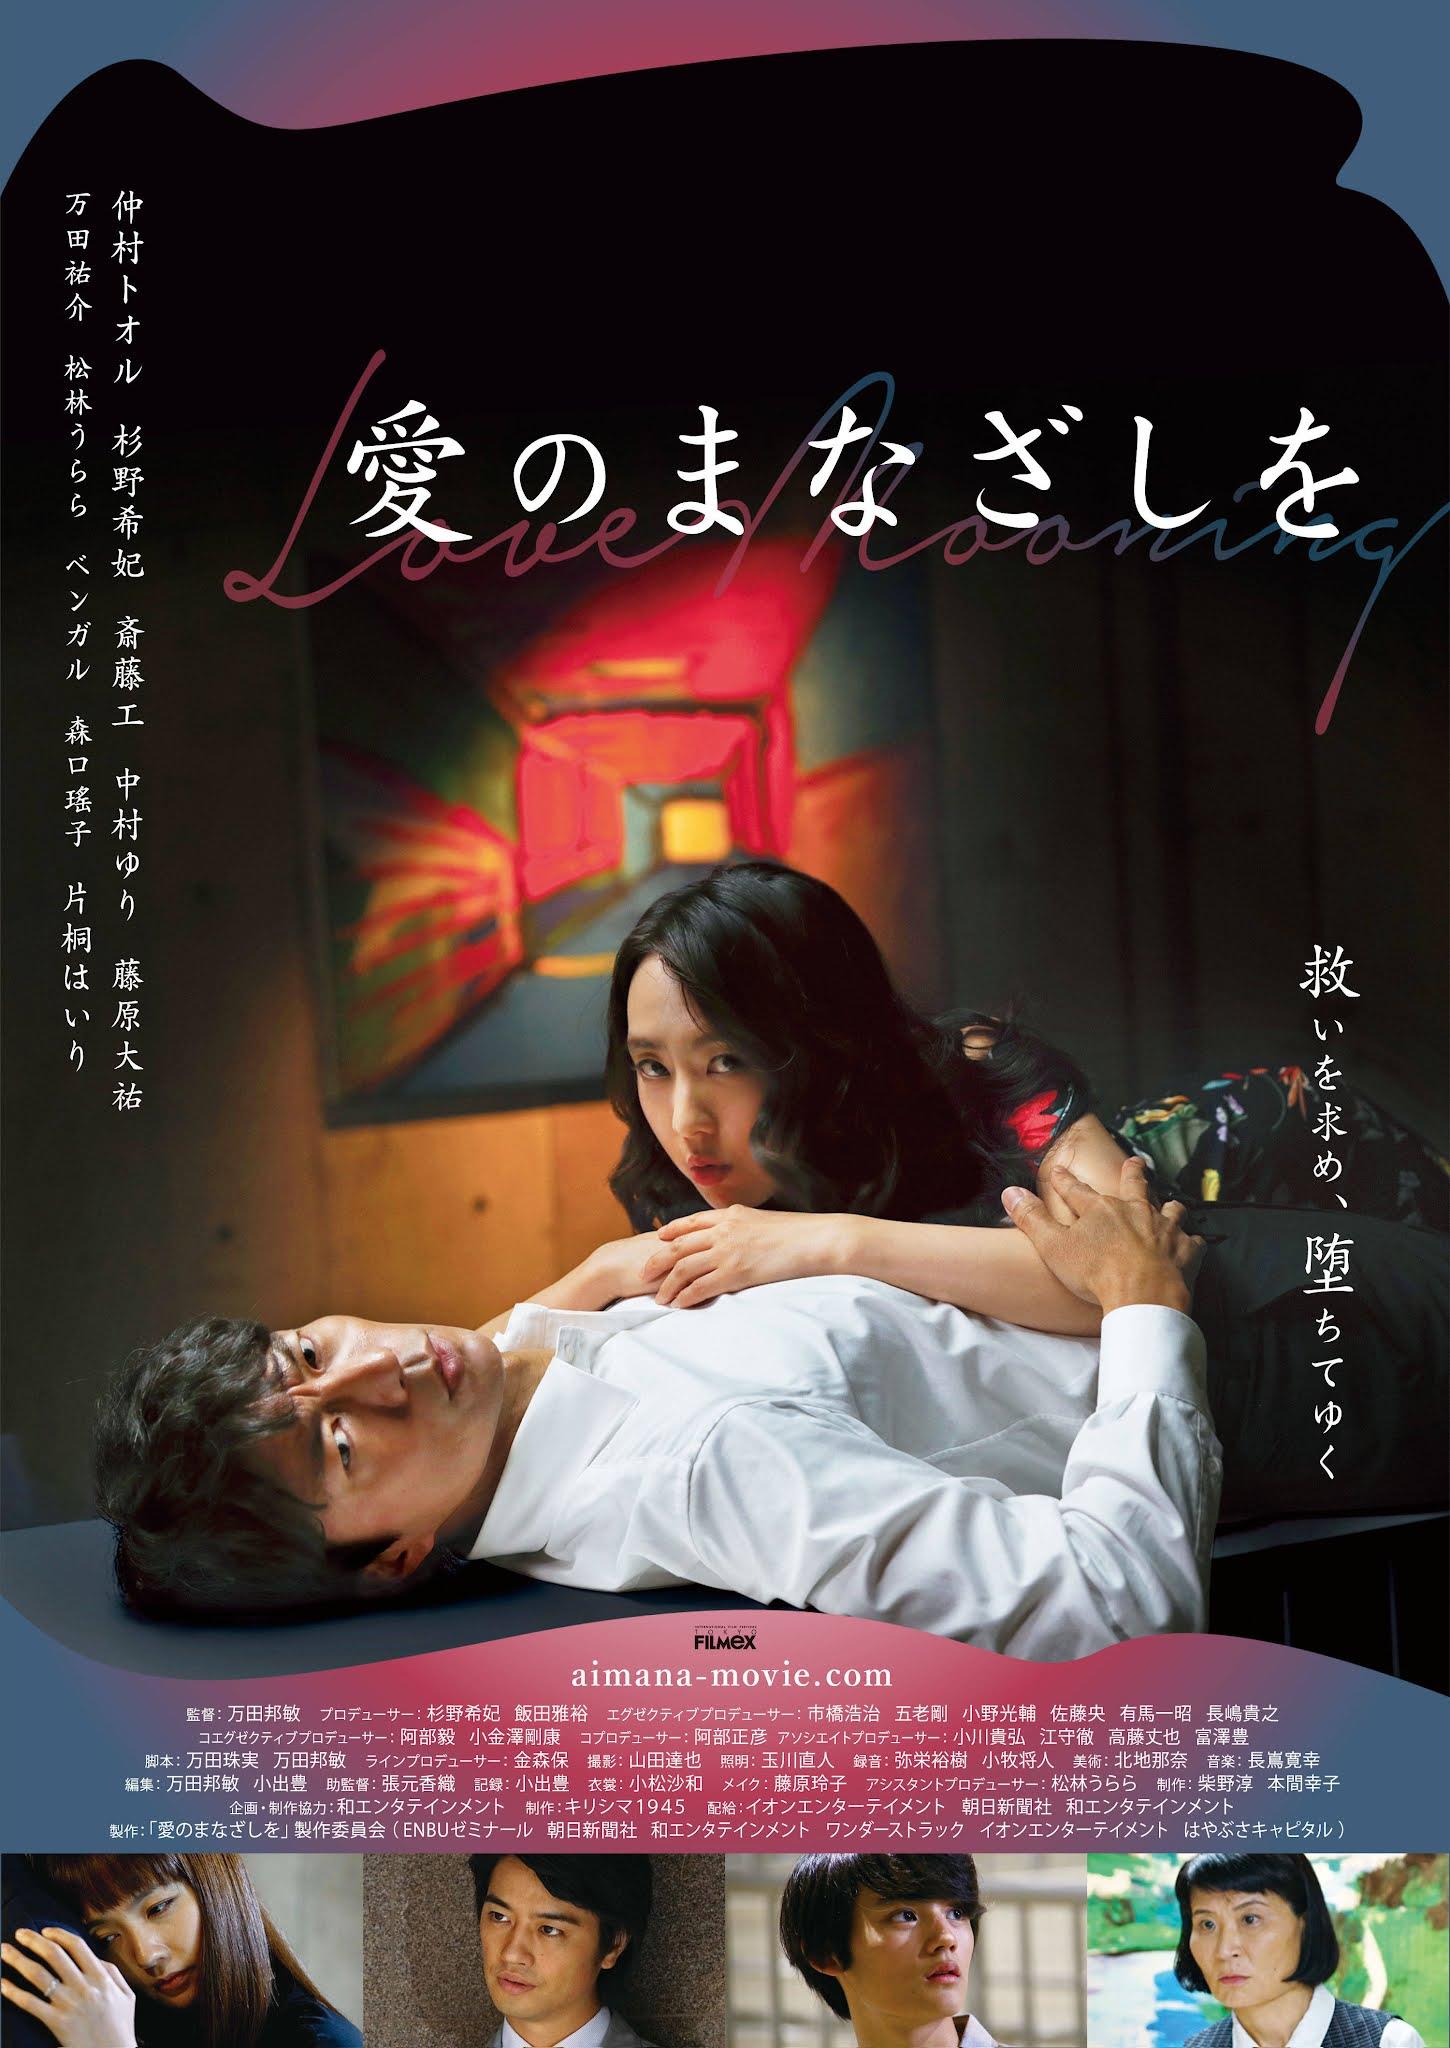 Love Mooning film - Kunitoshi Manda - poster